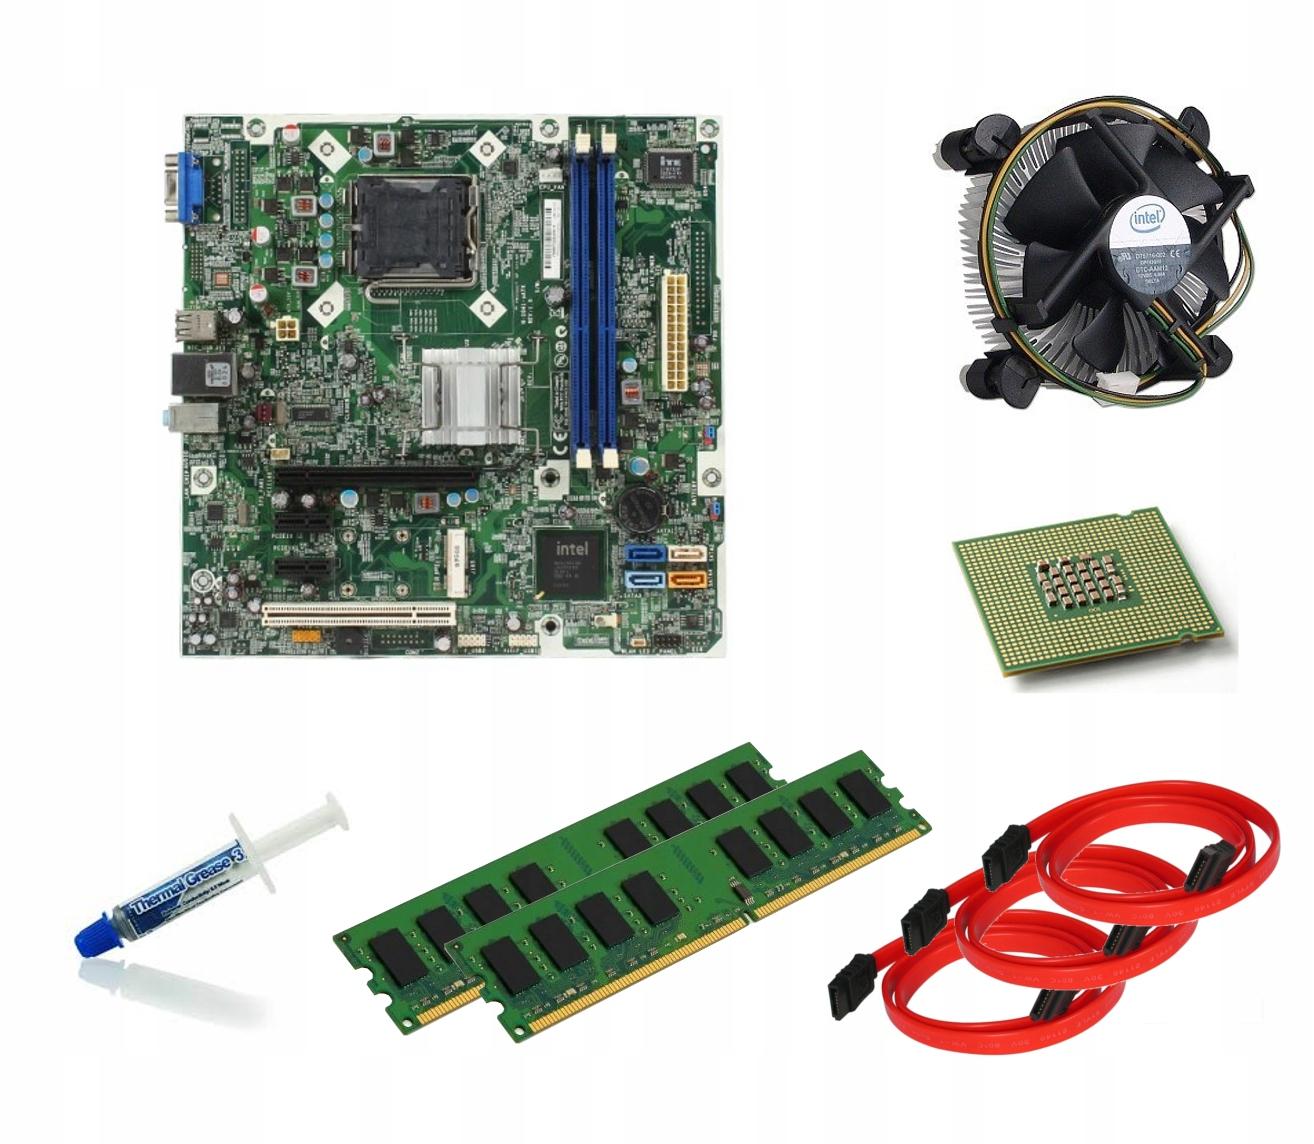 Набор ПЛИТА +QUAD CORE 4x2.5 +4GB DDR3 КУЛЕР ++